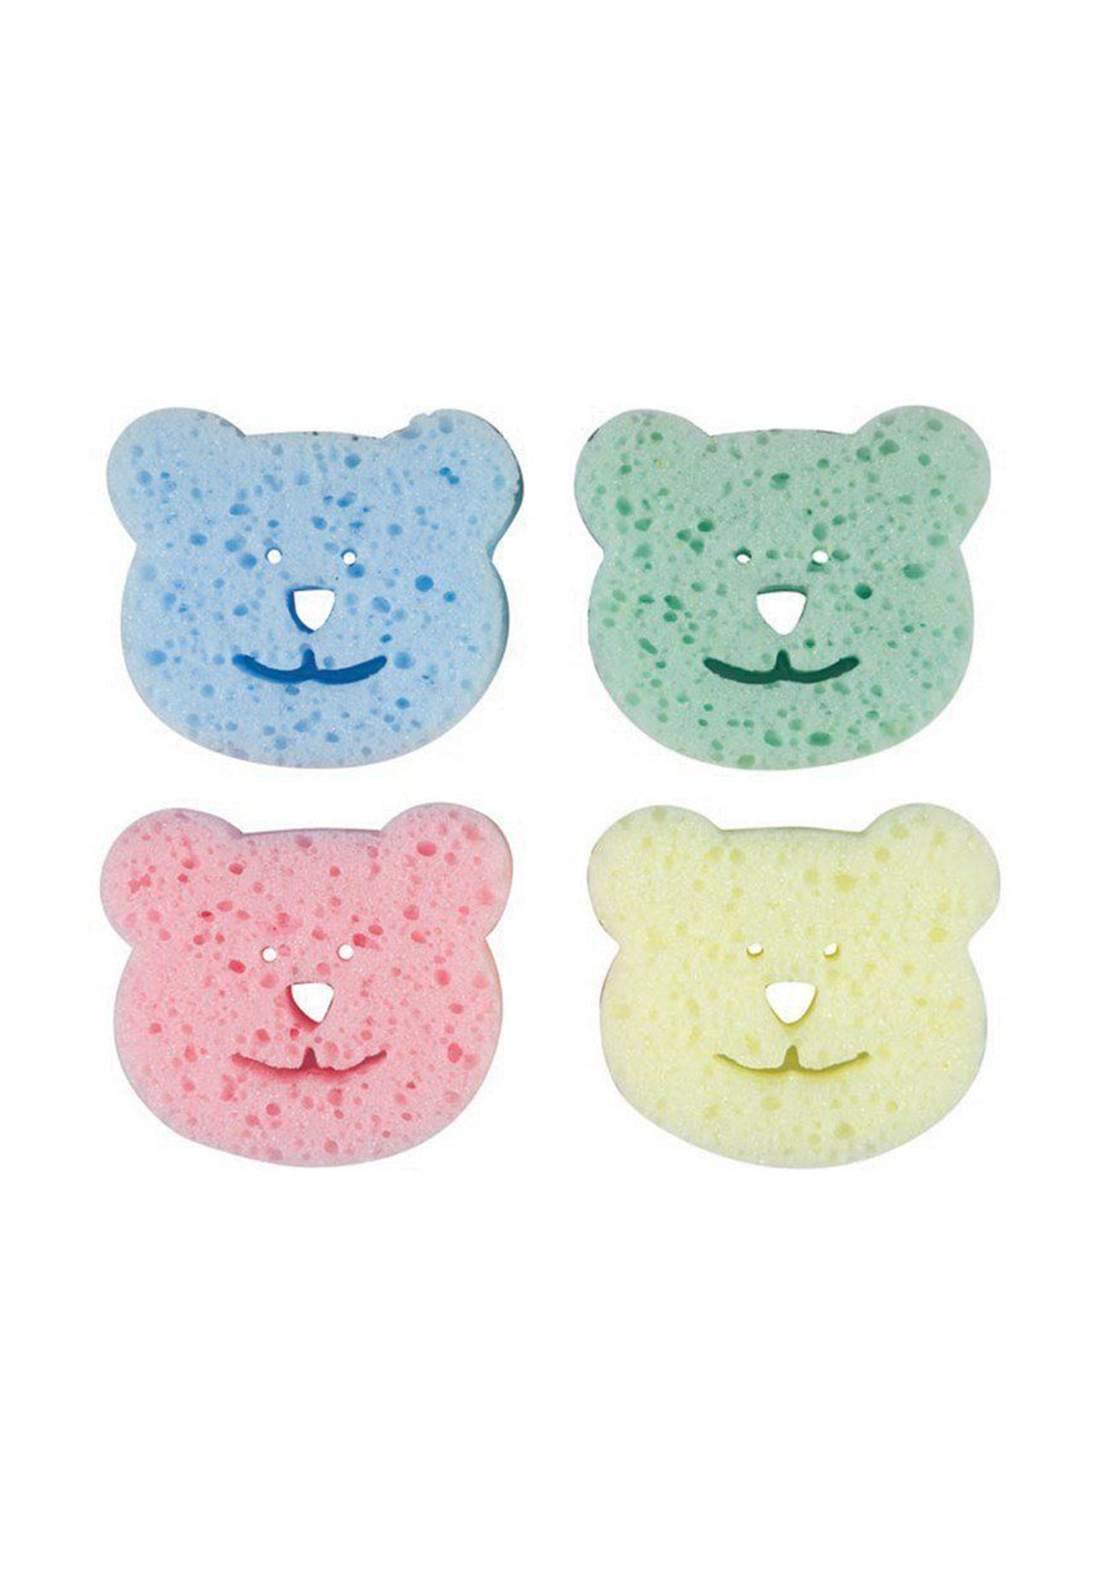 Bebedor 578 Baby Bath Sponge 4 Pcs  ليفة اسفنجية